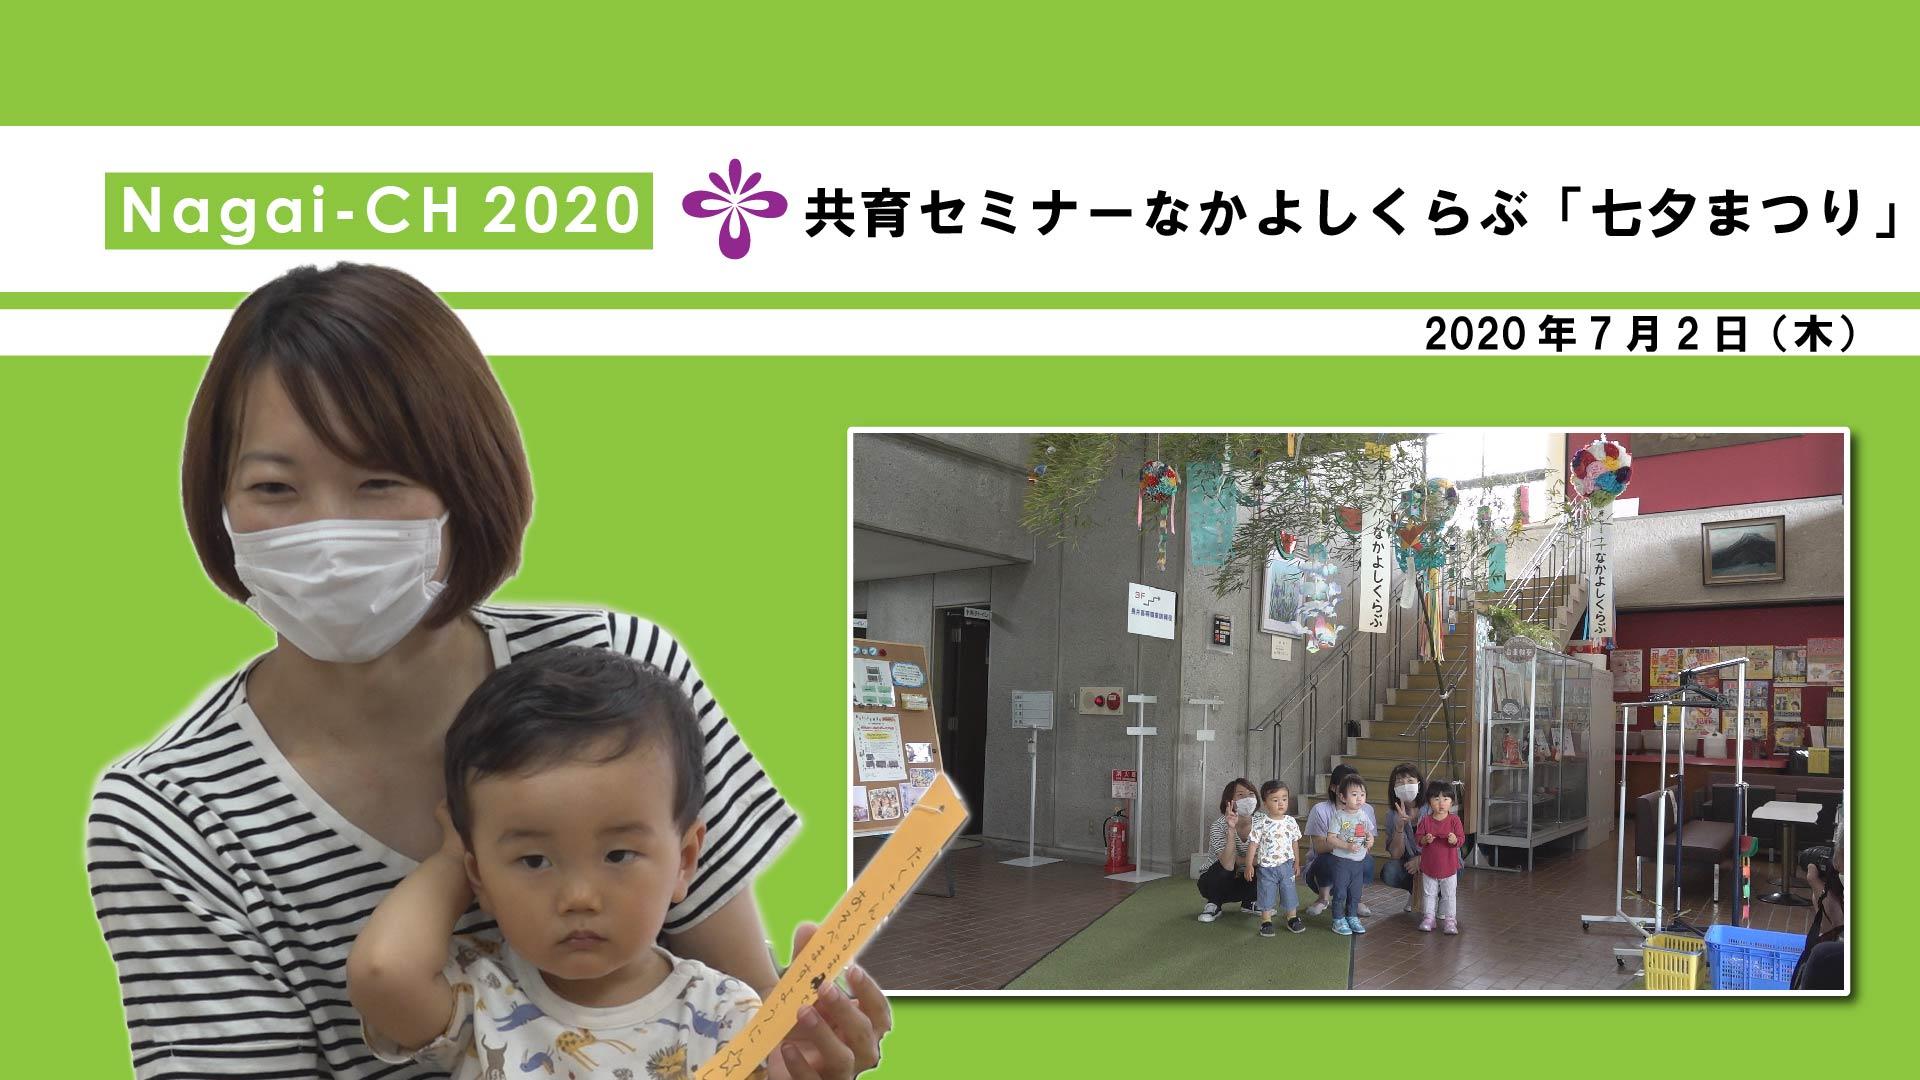 【長井市】共育セミナーなかよしくらぶ「七夕まつり」(令和2年7月2日):画像